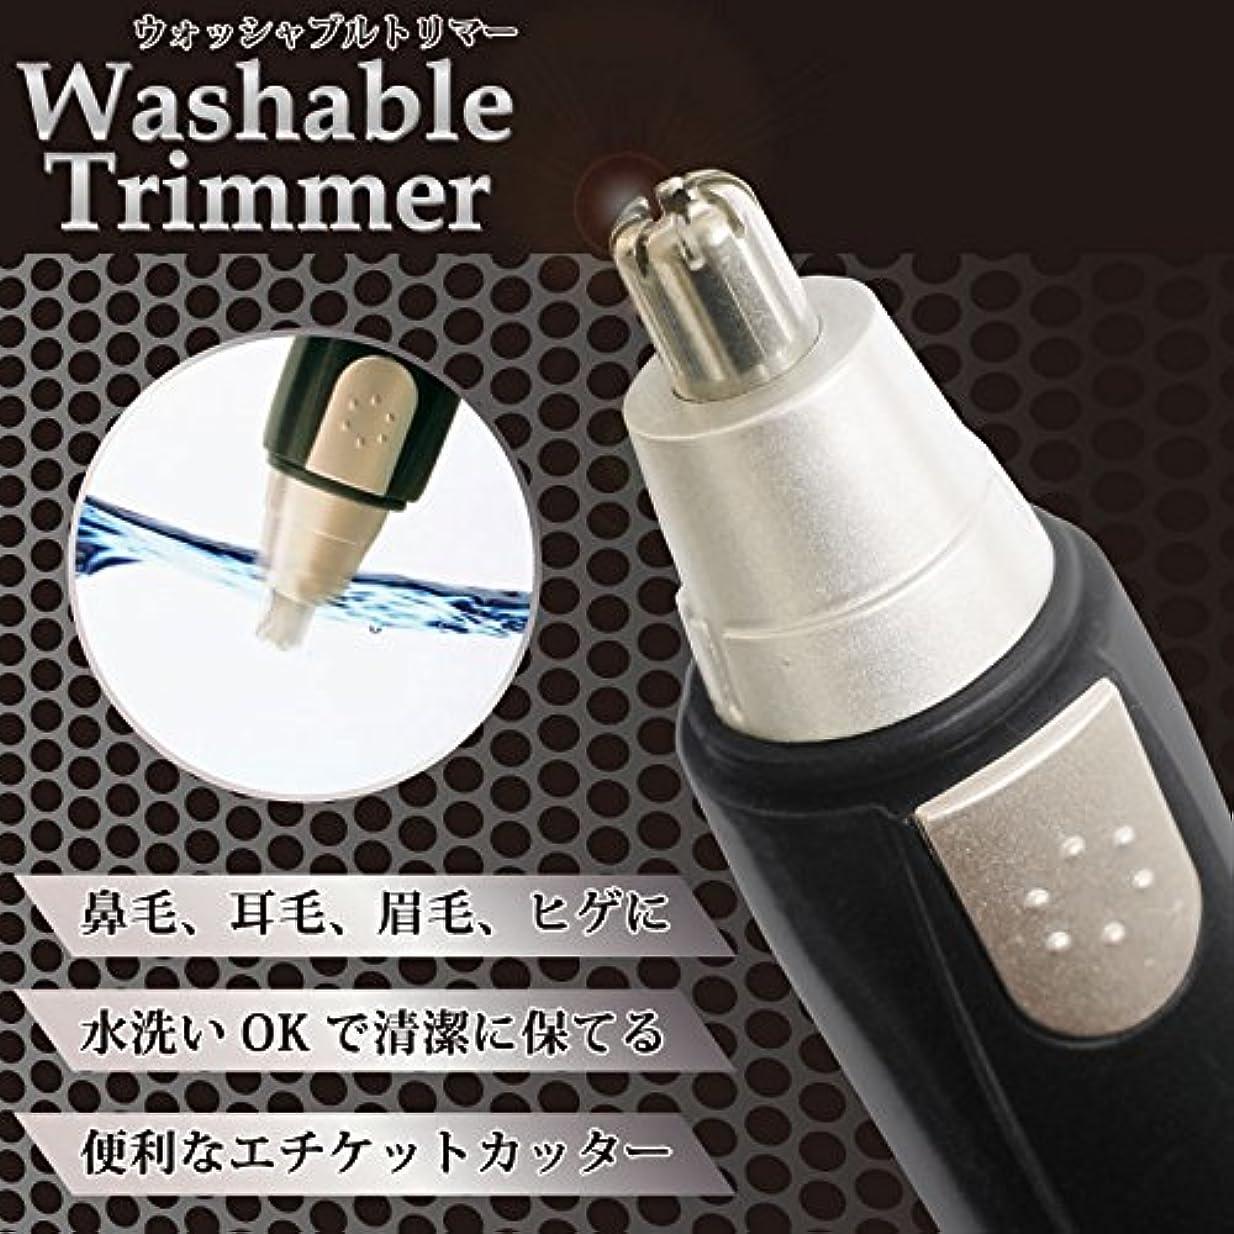 荒涼とした正直申し込むウォッシャブルトリマー HRN-250水洗いOK 乾電池式 専用ブラシ付 小型エチケットカッター